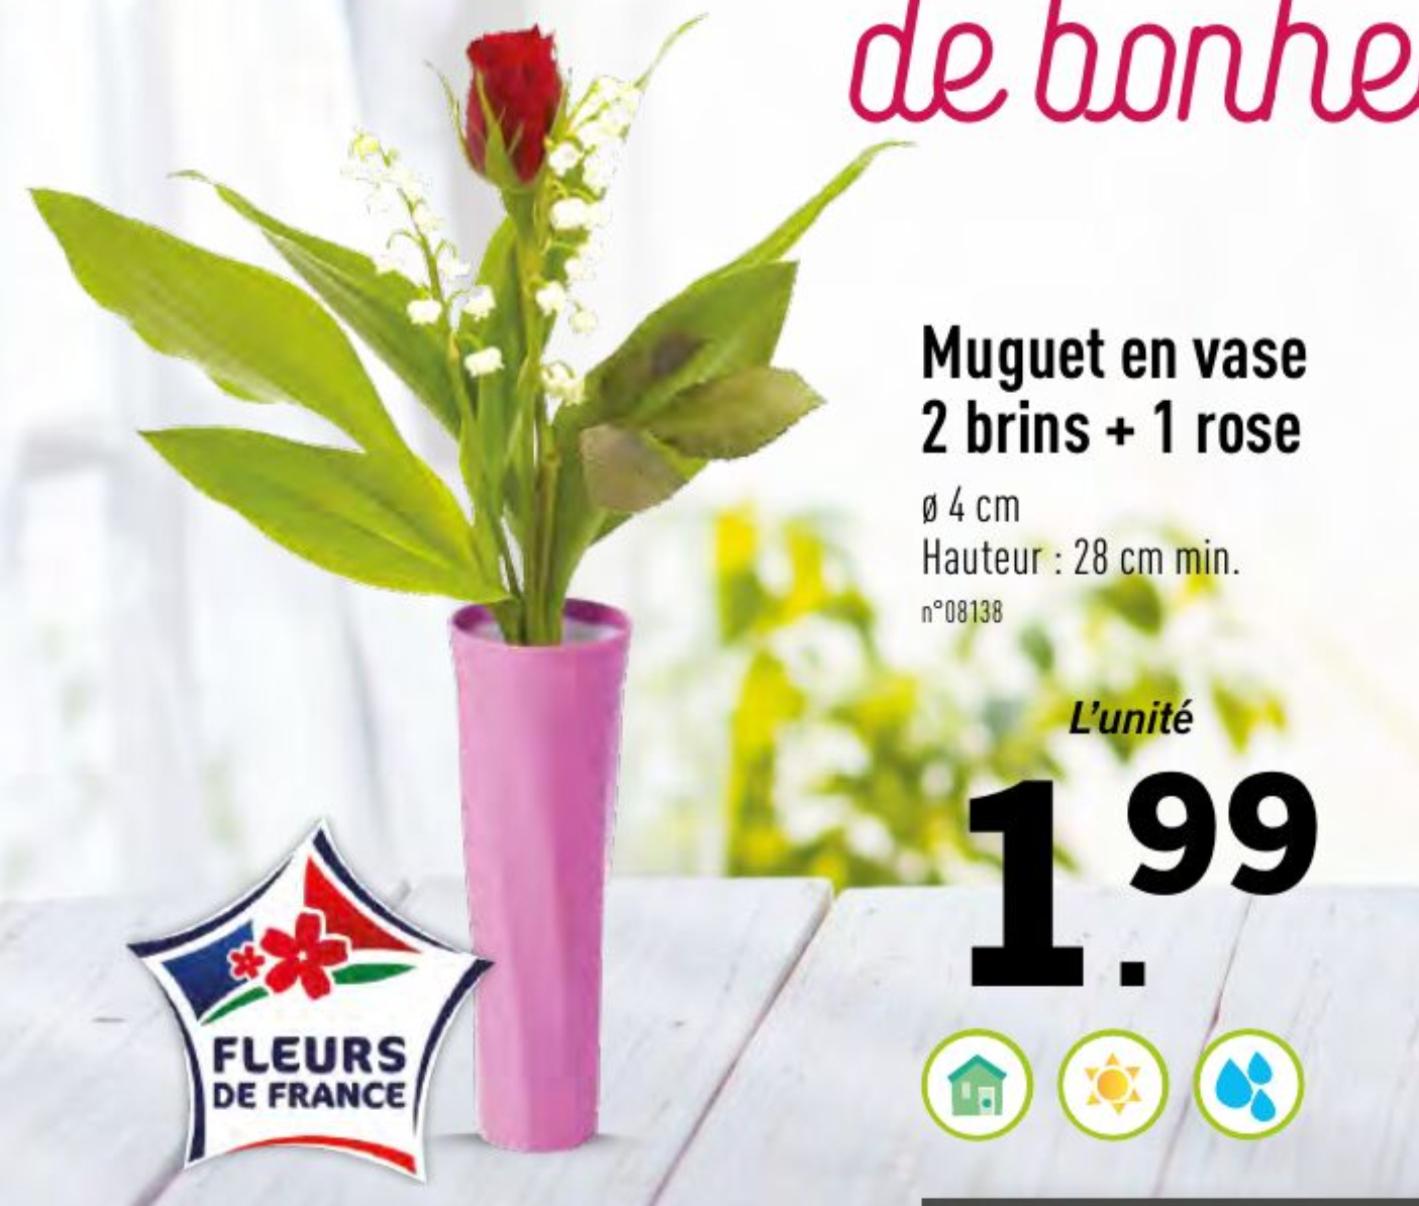 Muguet en vase 2 brins + 1 Rose